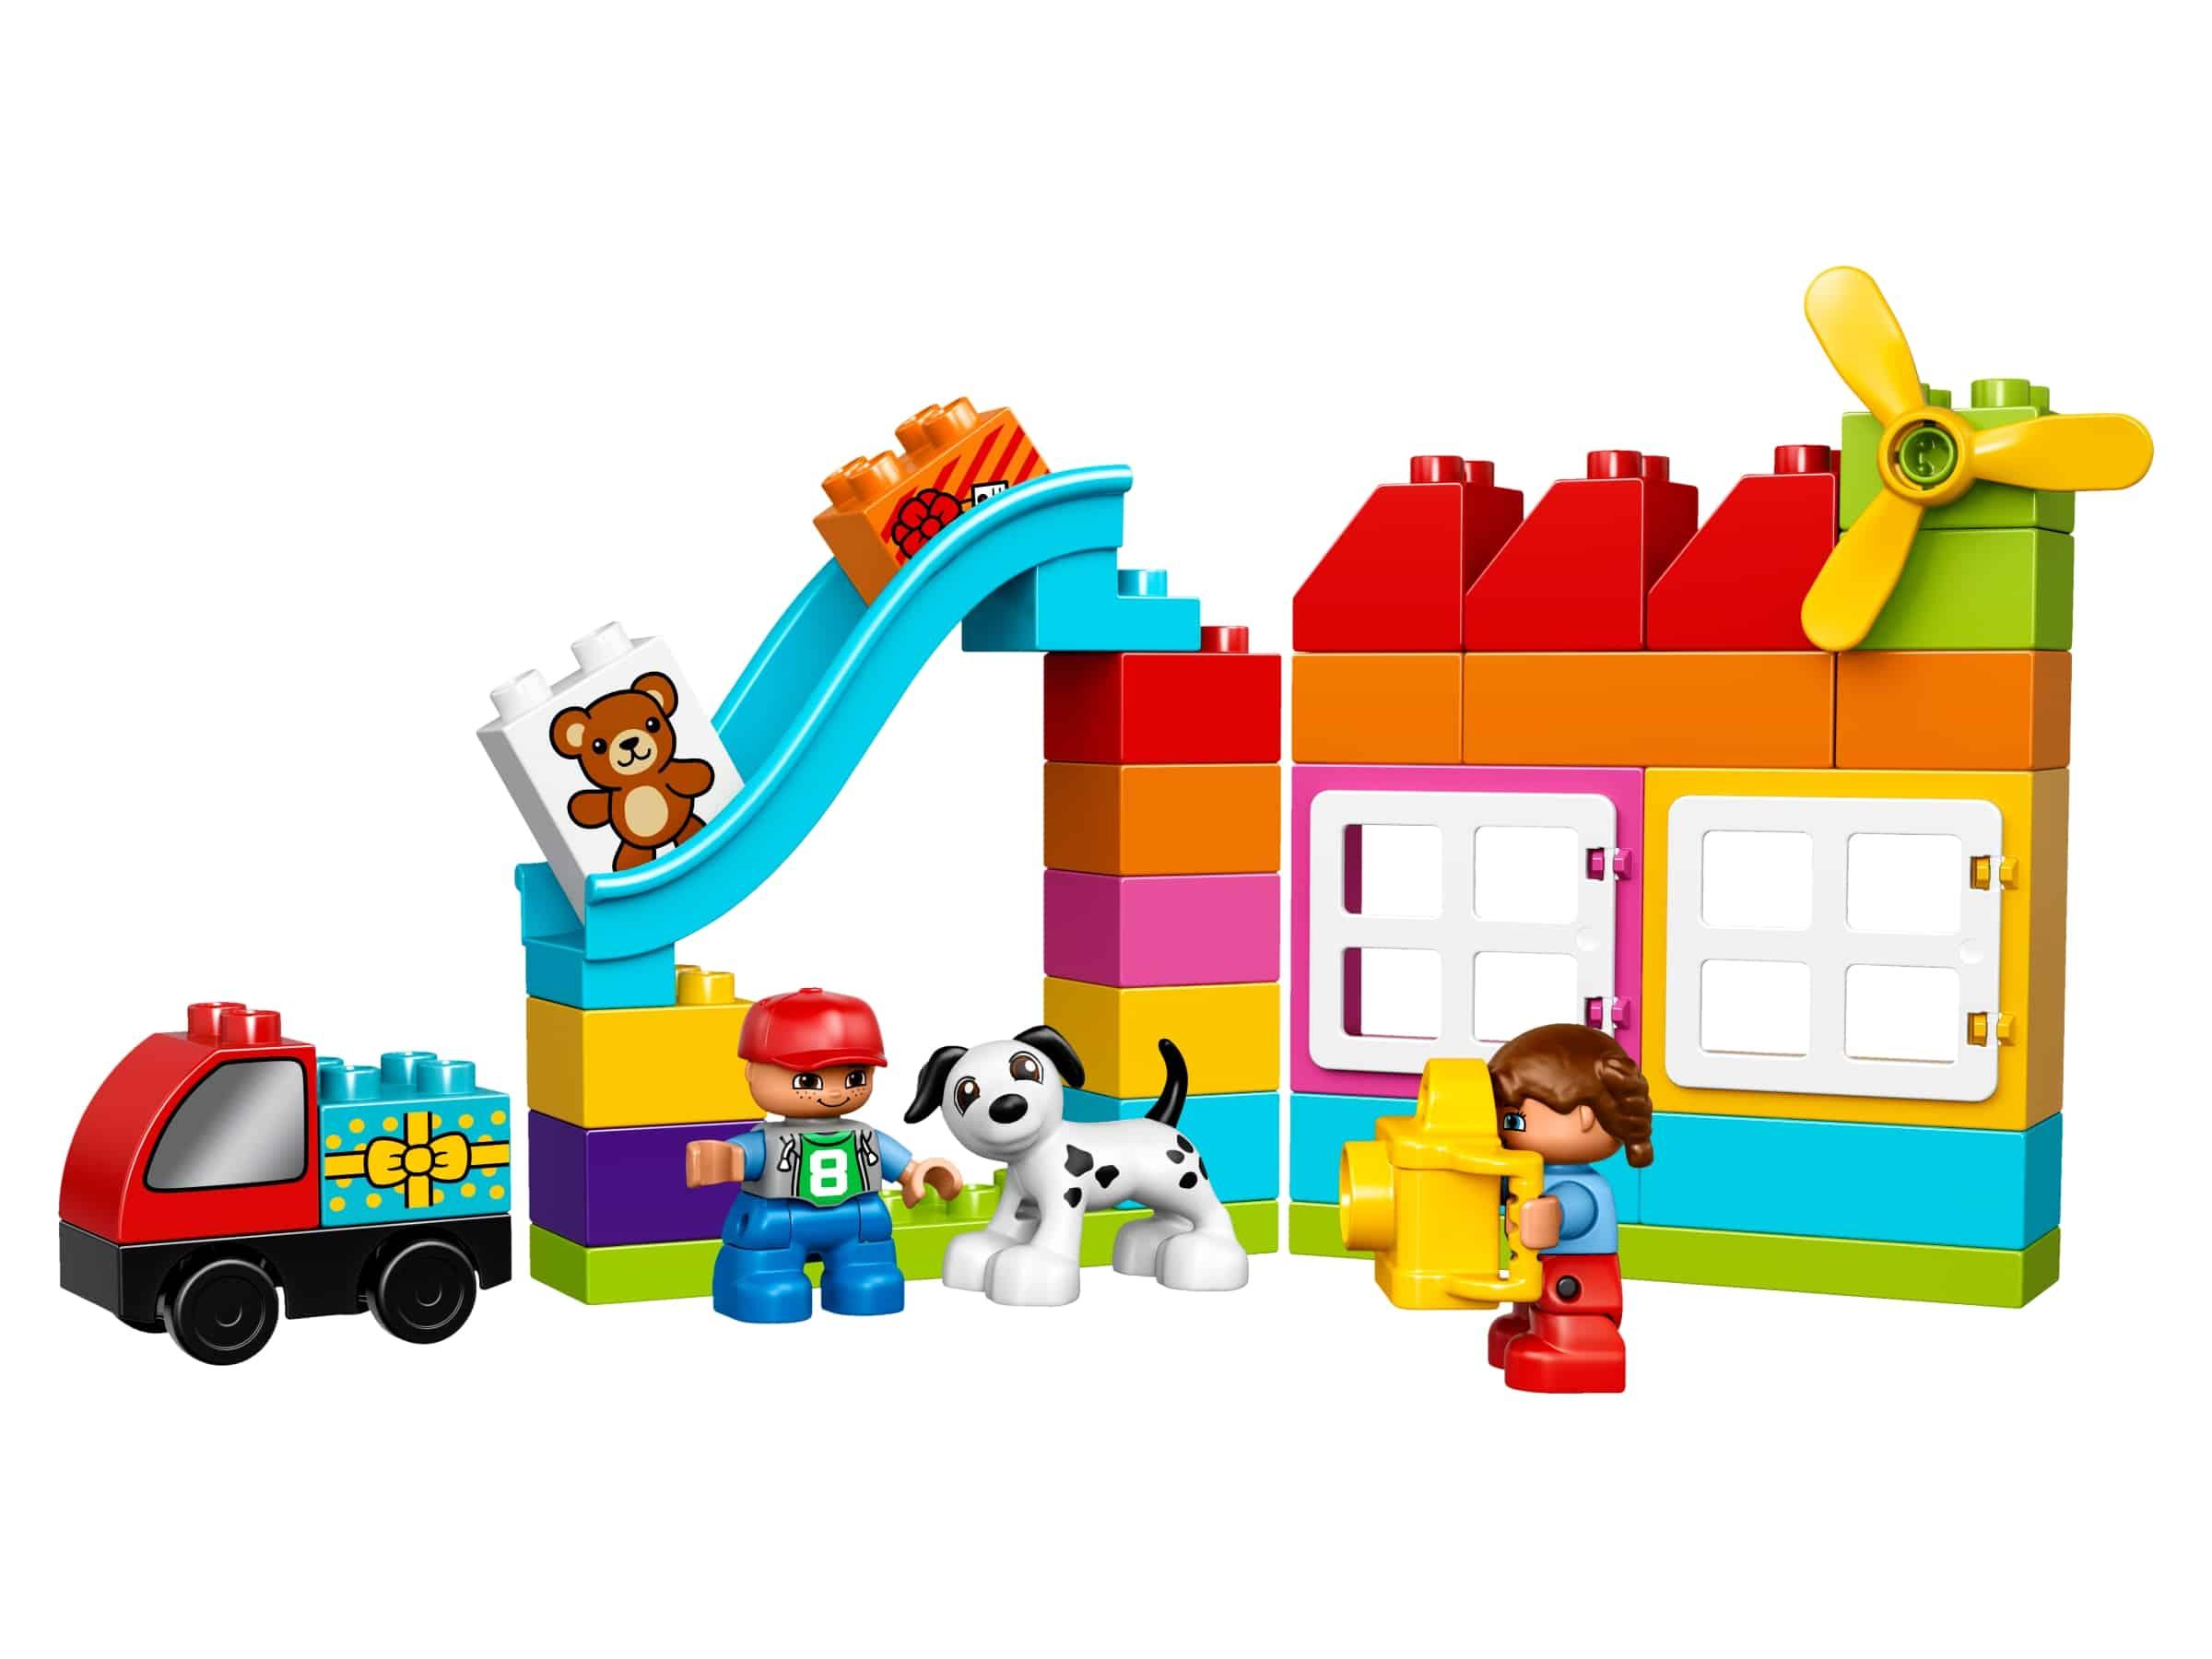 duplo 10820 kreativ byggekurv